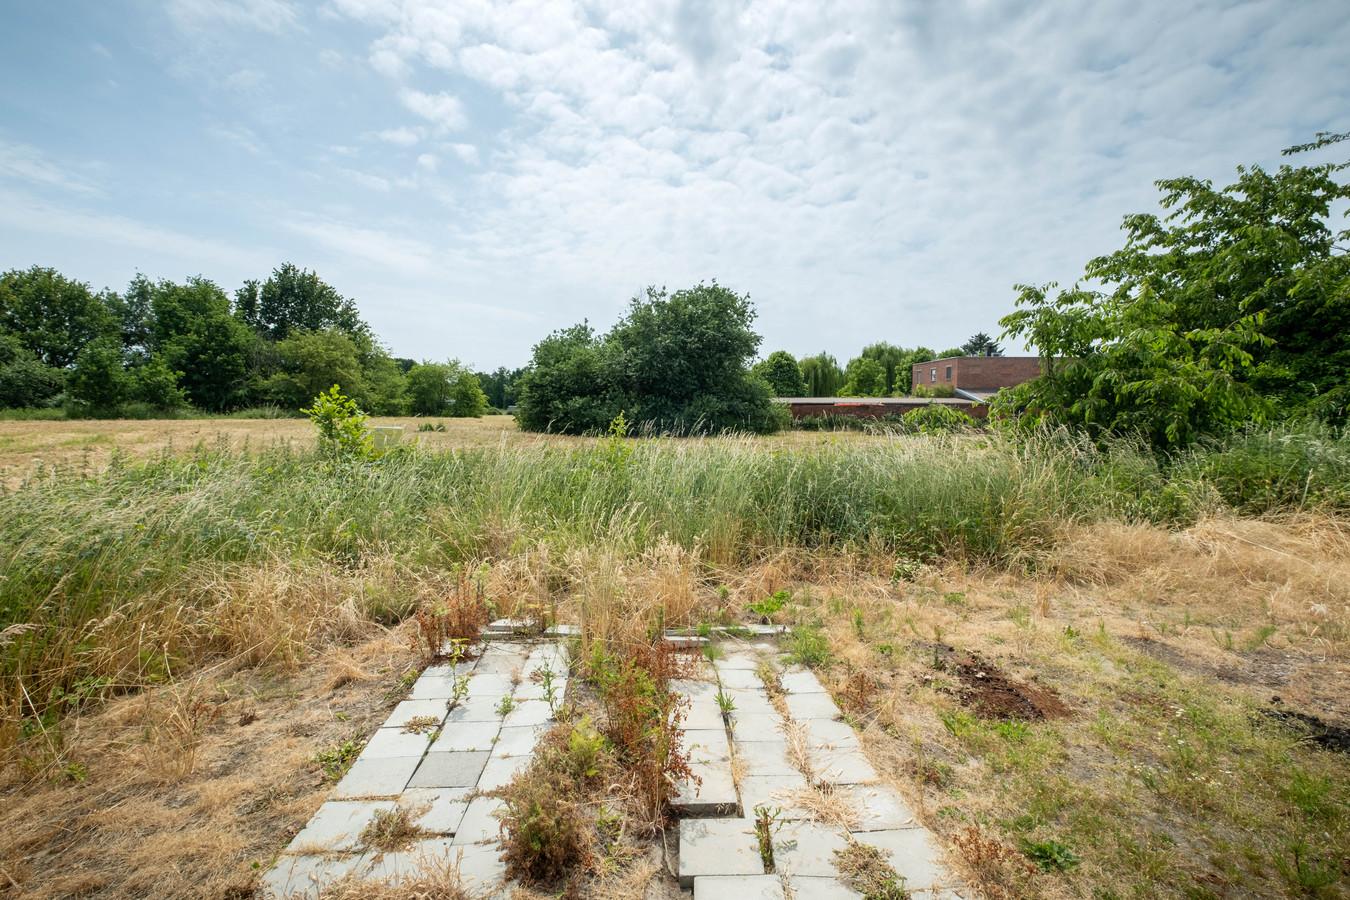 De terreinen langs de Kerkbossenstraat waar 45 sociale woningen zullen worden gebouwd